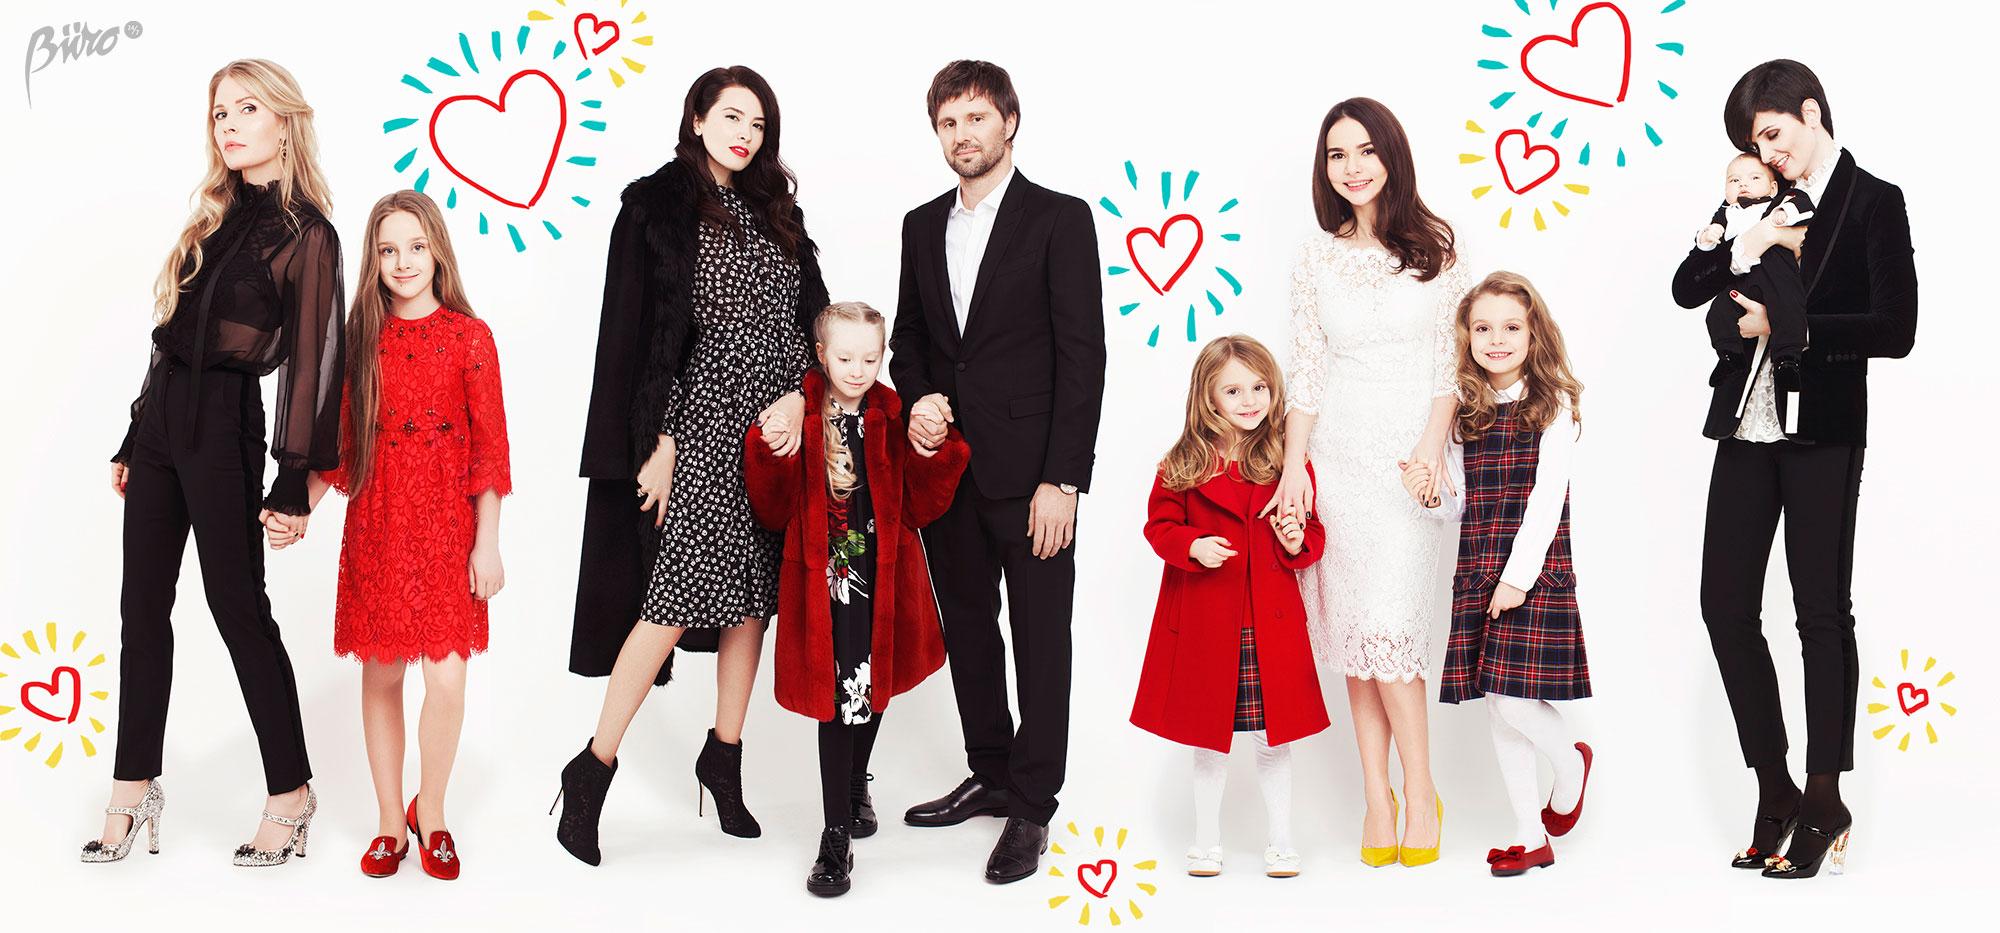 картинки для магазина одежды для всей семьи восхищаются красотой первой